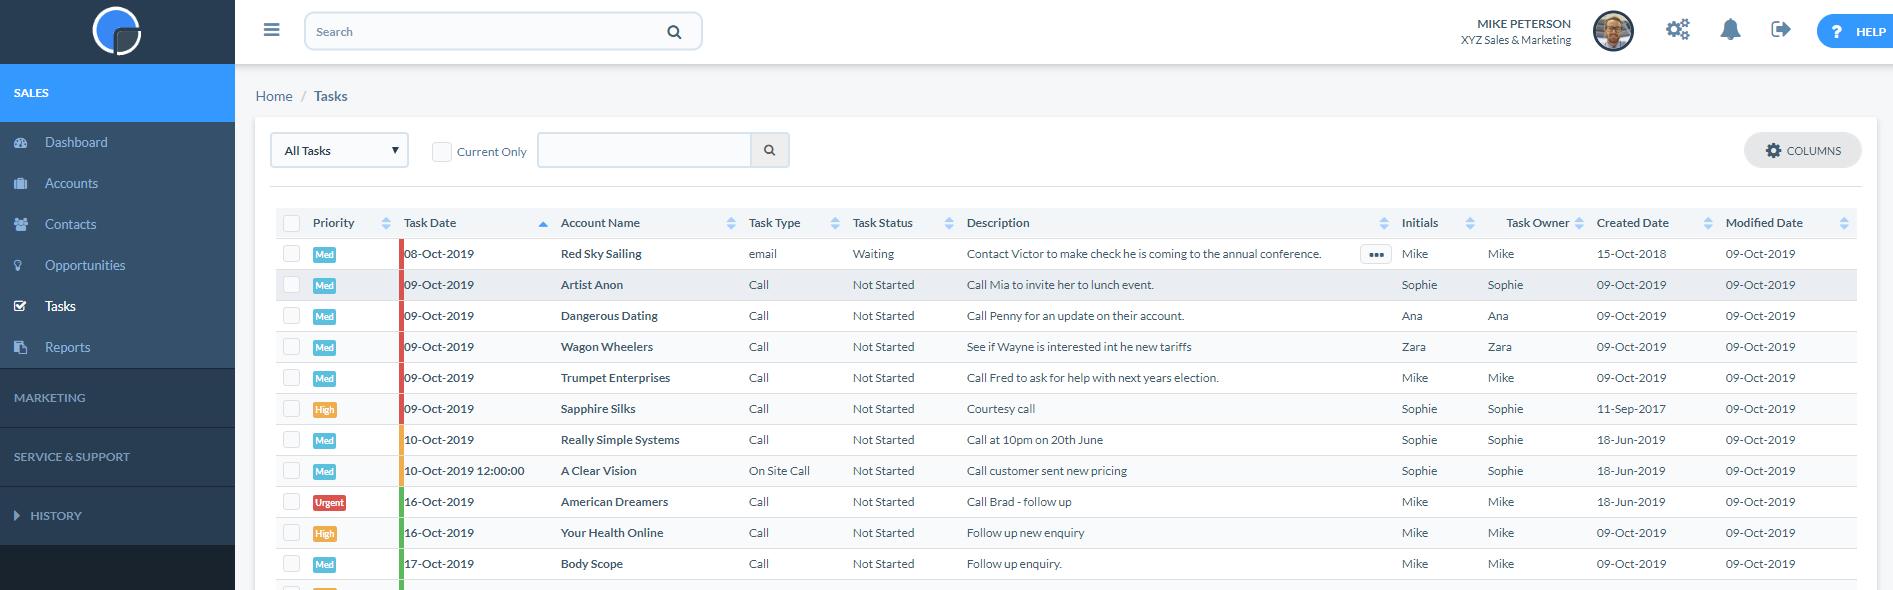 Task List Page